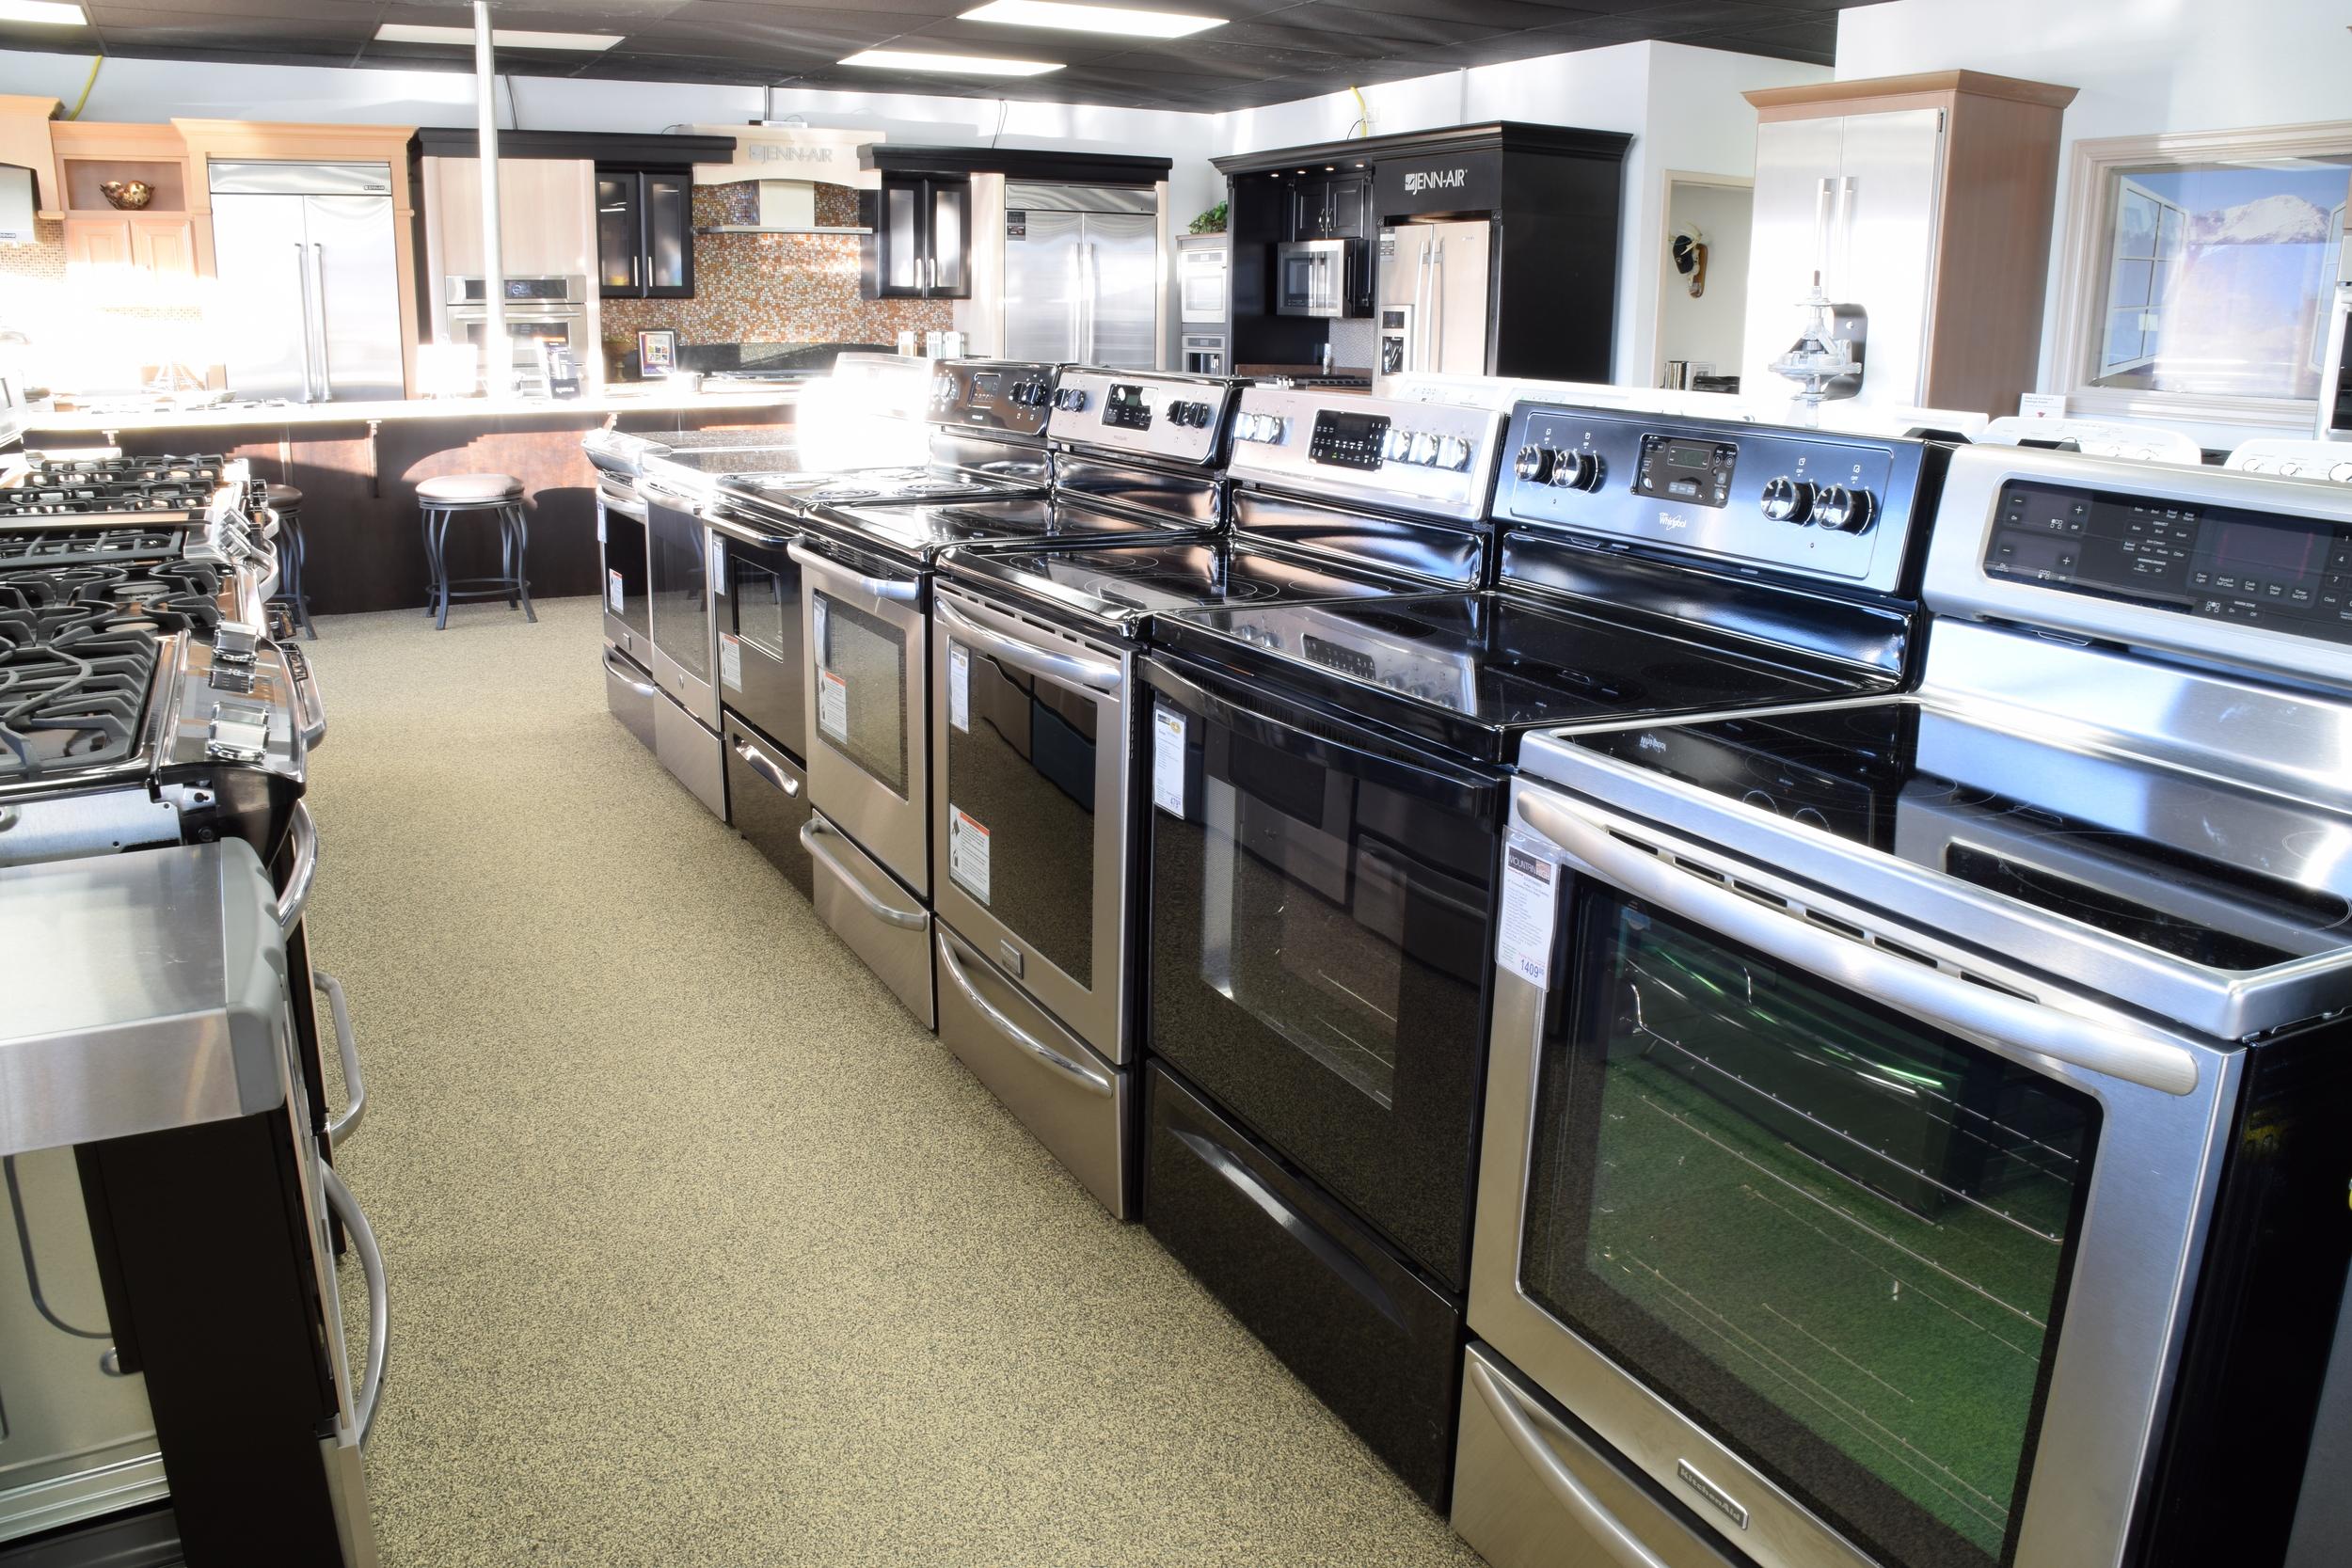 02-Mountain-High-Appliance-Colorado-Springs.JPG